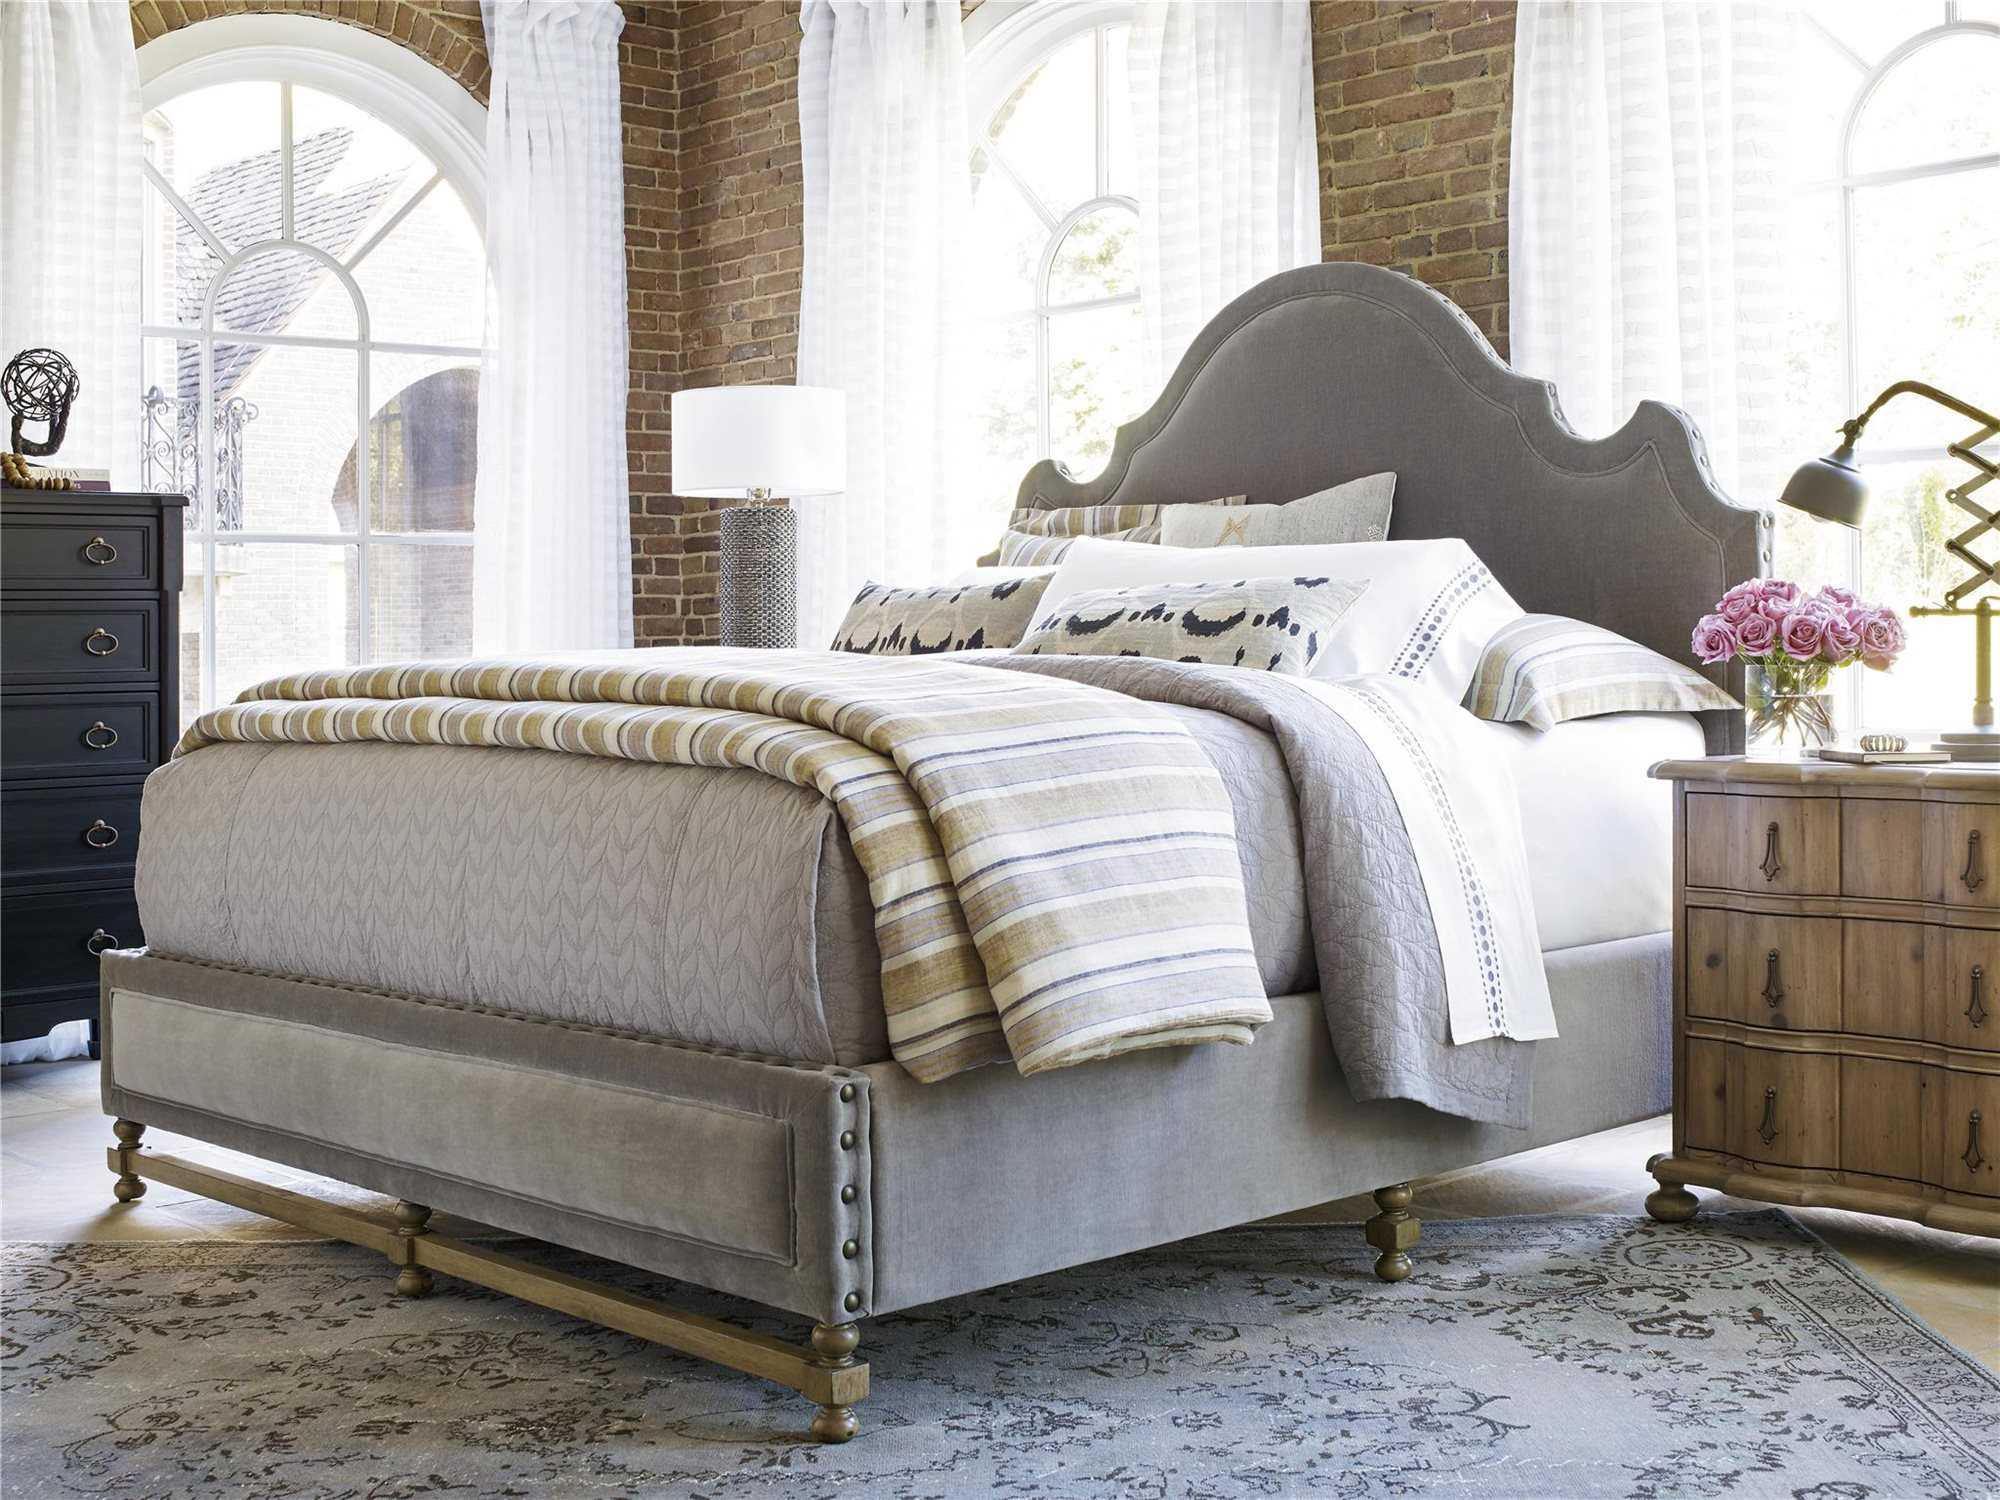 universal furniture authenticity lyon bedroom set uf572210bset. Black Bedroom Furniture Sets. Home Design Ideas